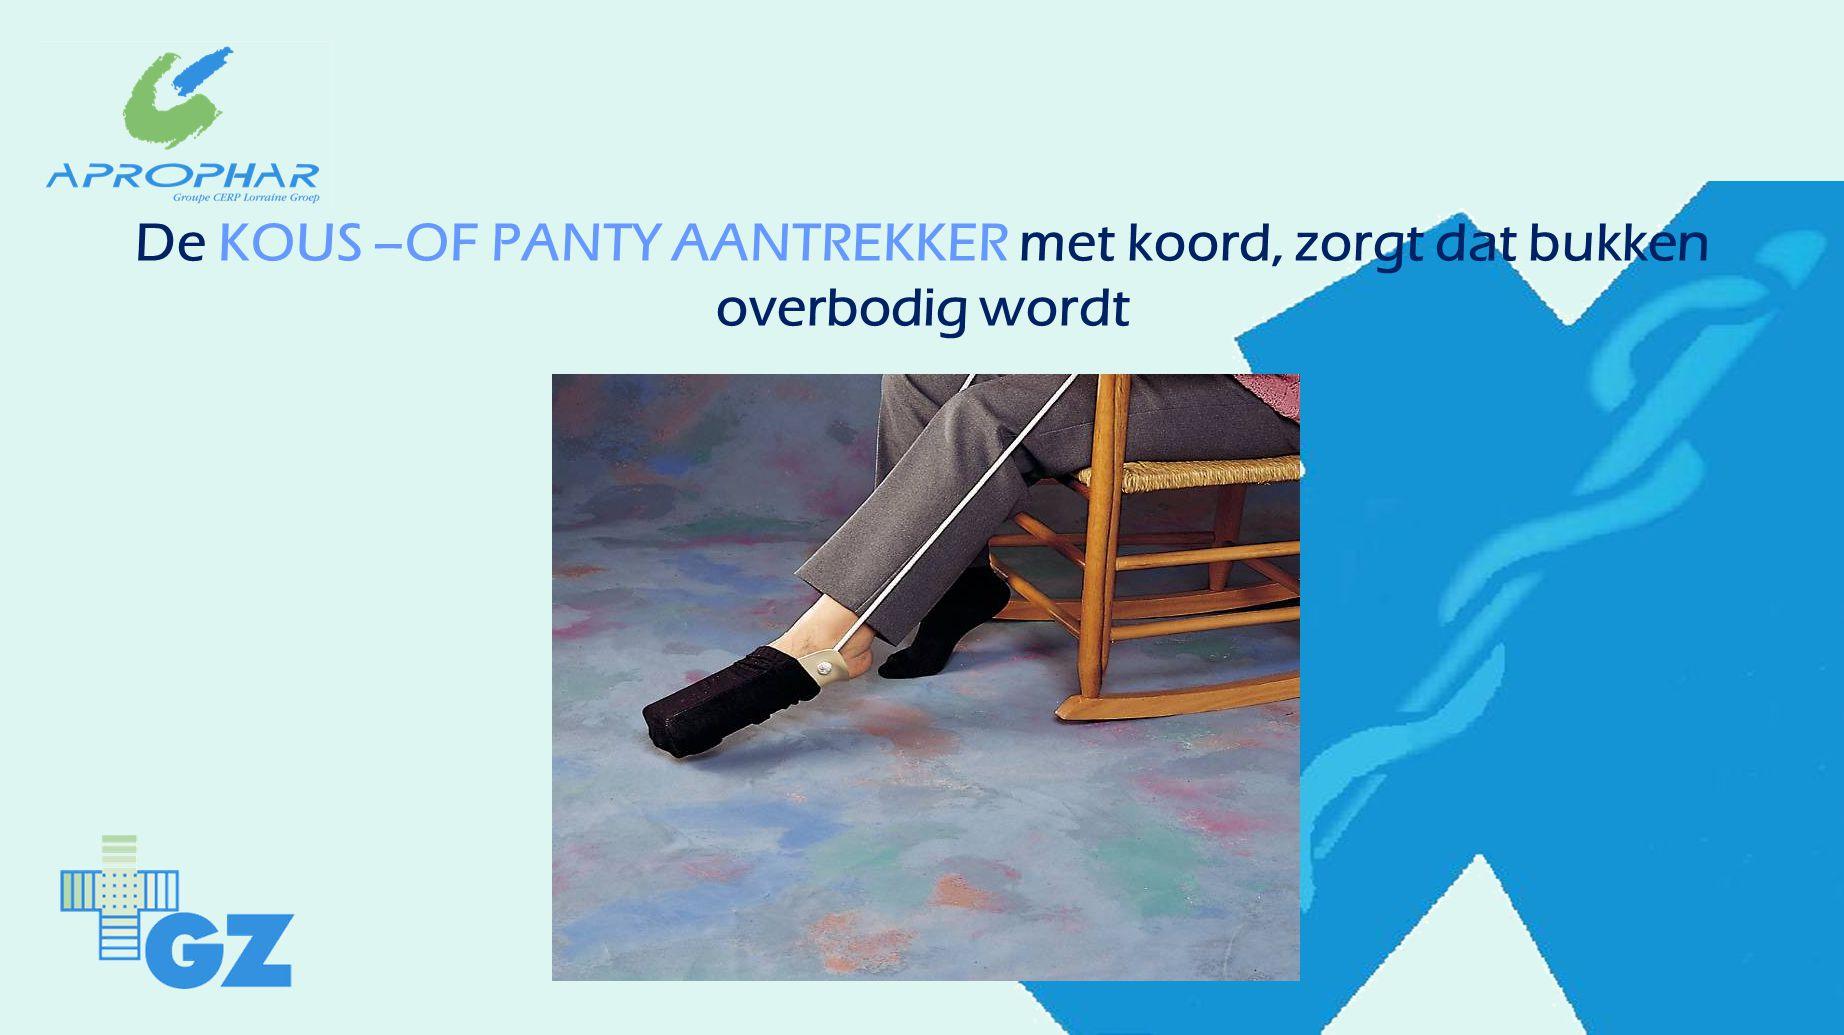 De KOUS –OF PANTY AANTREKKER met koord, zorgt dat bukken overbodig wordt